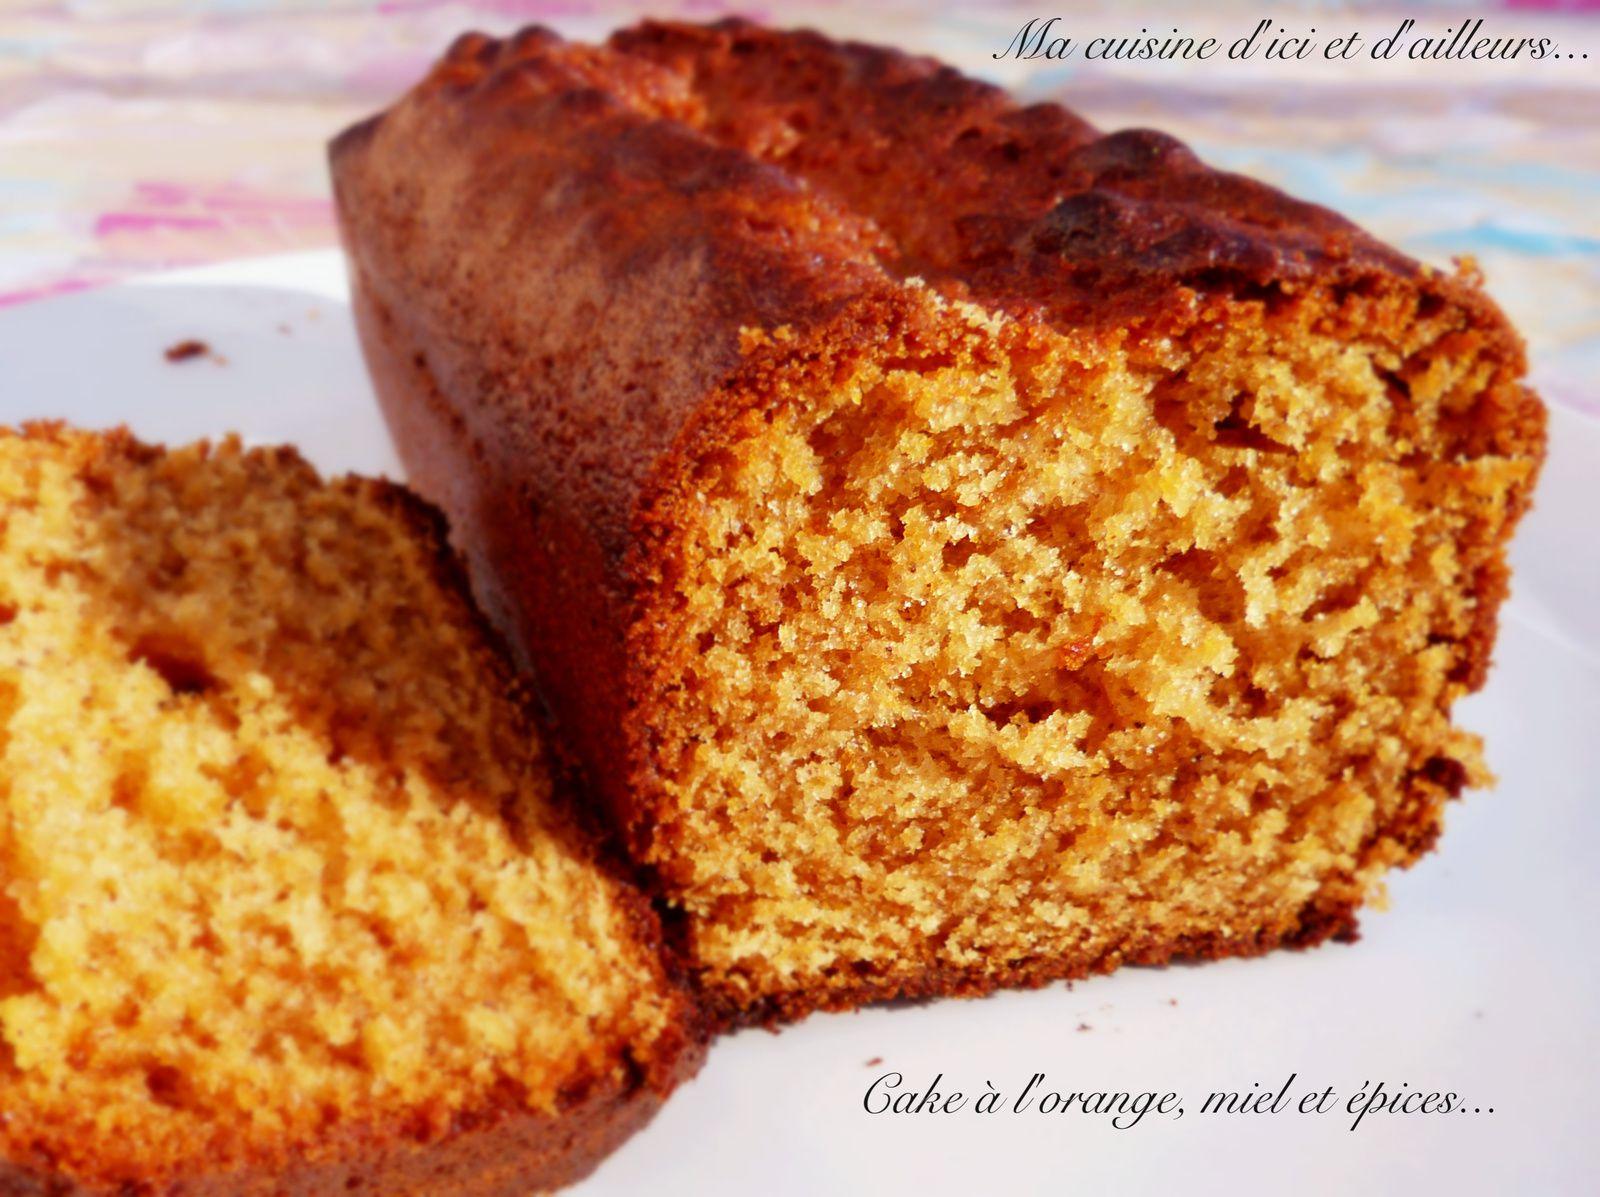 Cake à l'orange, miel et épices...